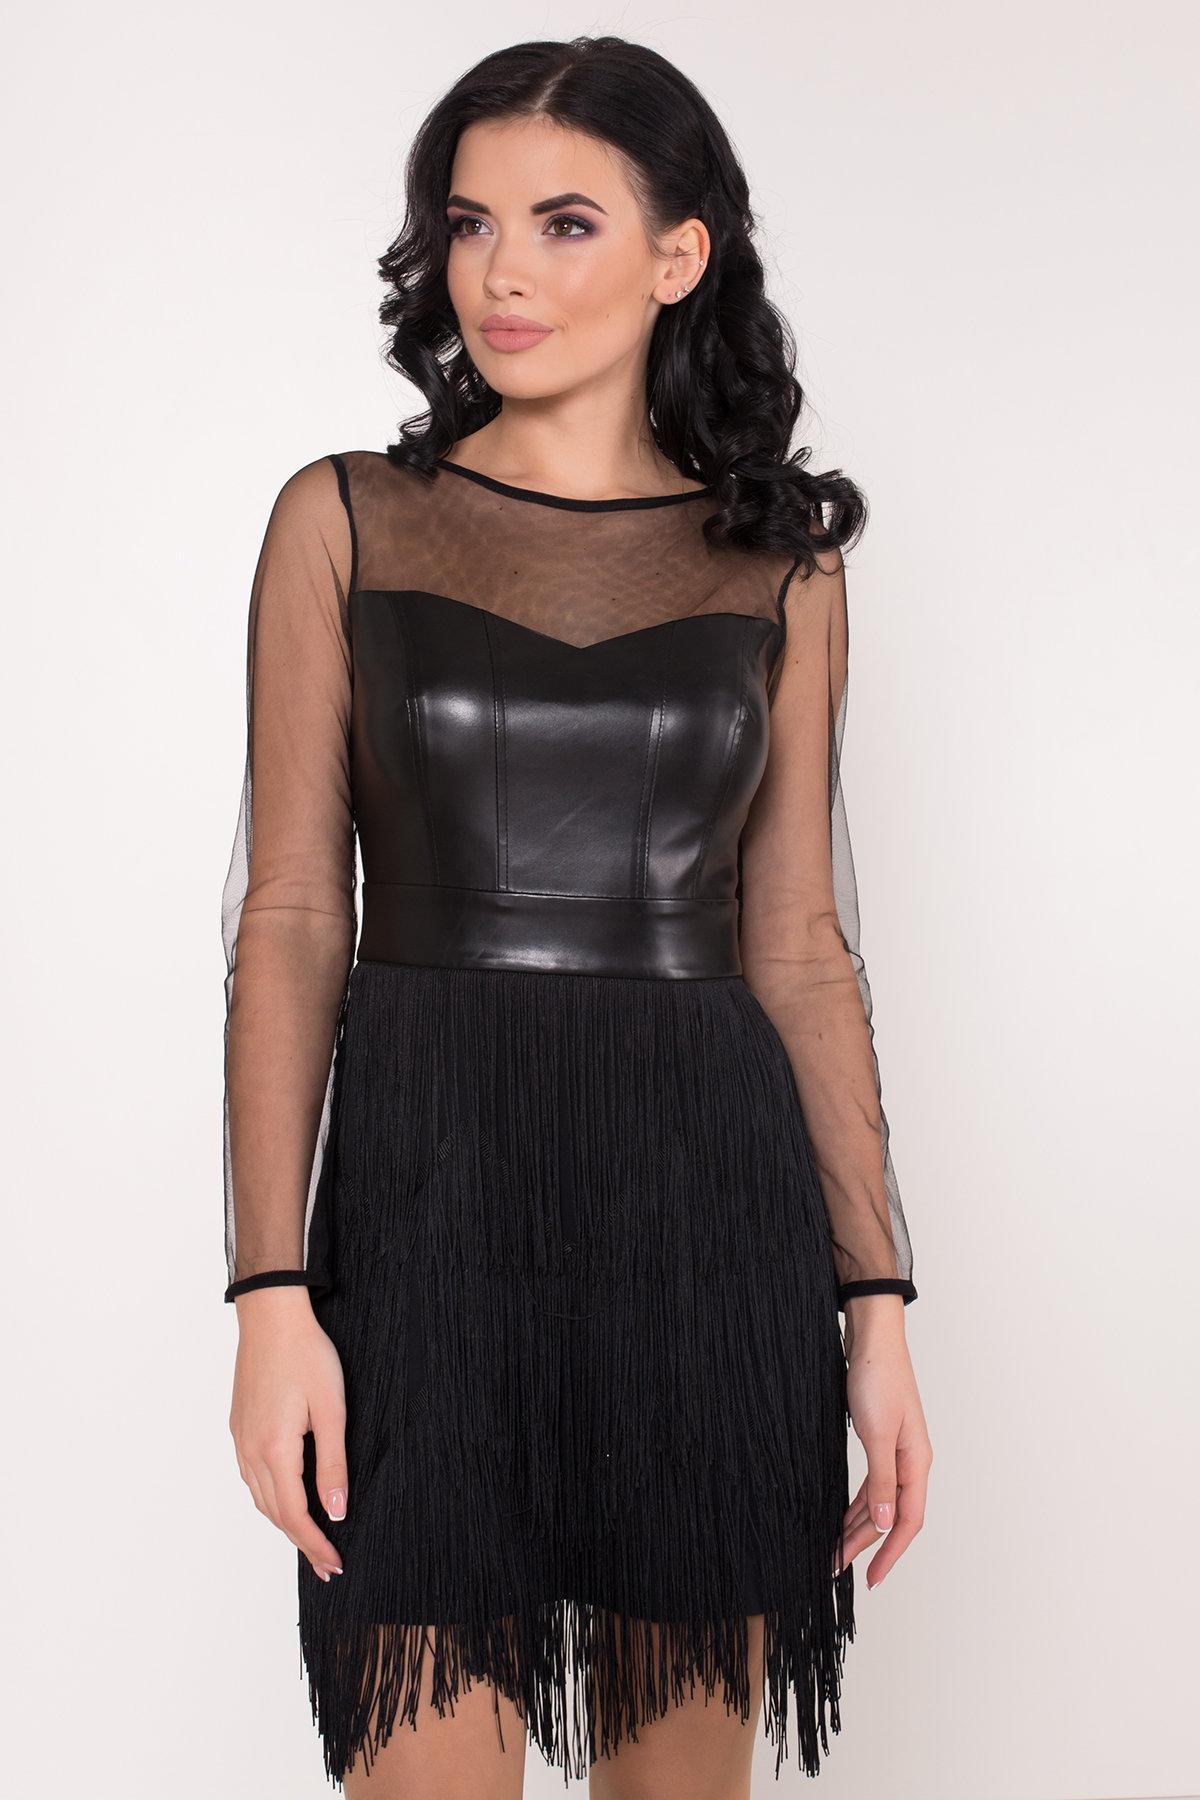 Платье Монталь 8558 АРТ. 44883 Цвет: Черный - фото 6, интернет магазин tm-modus.ru